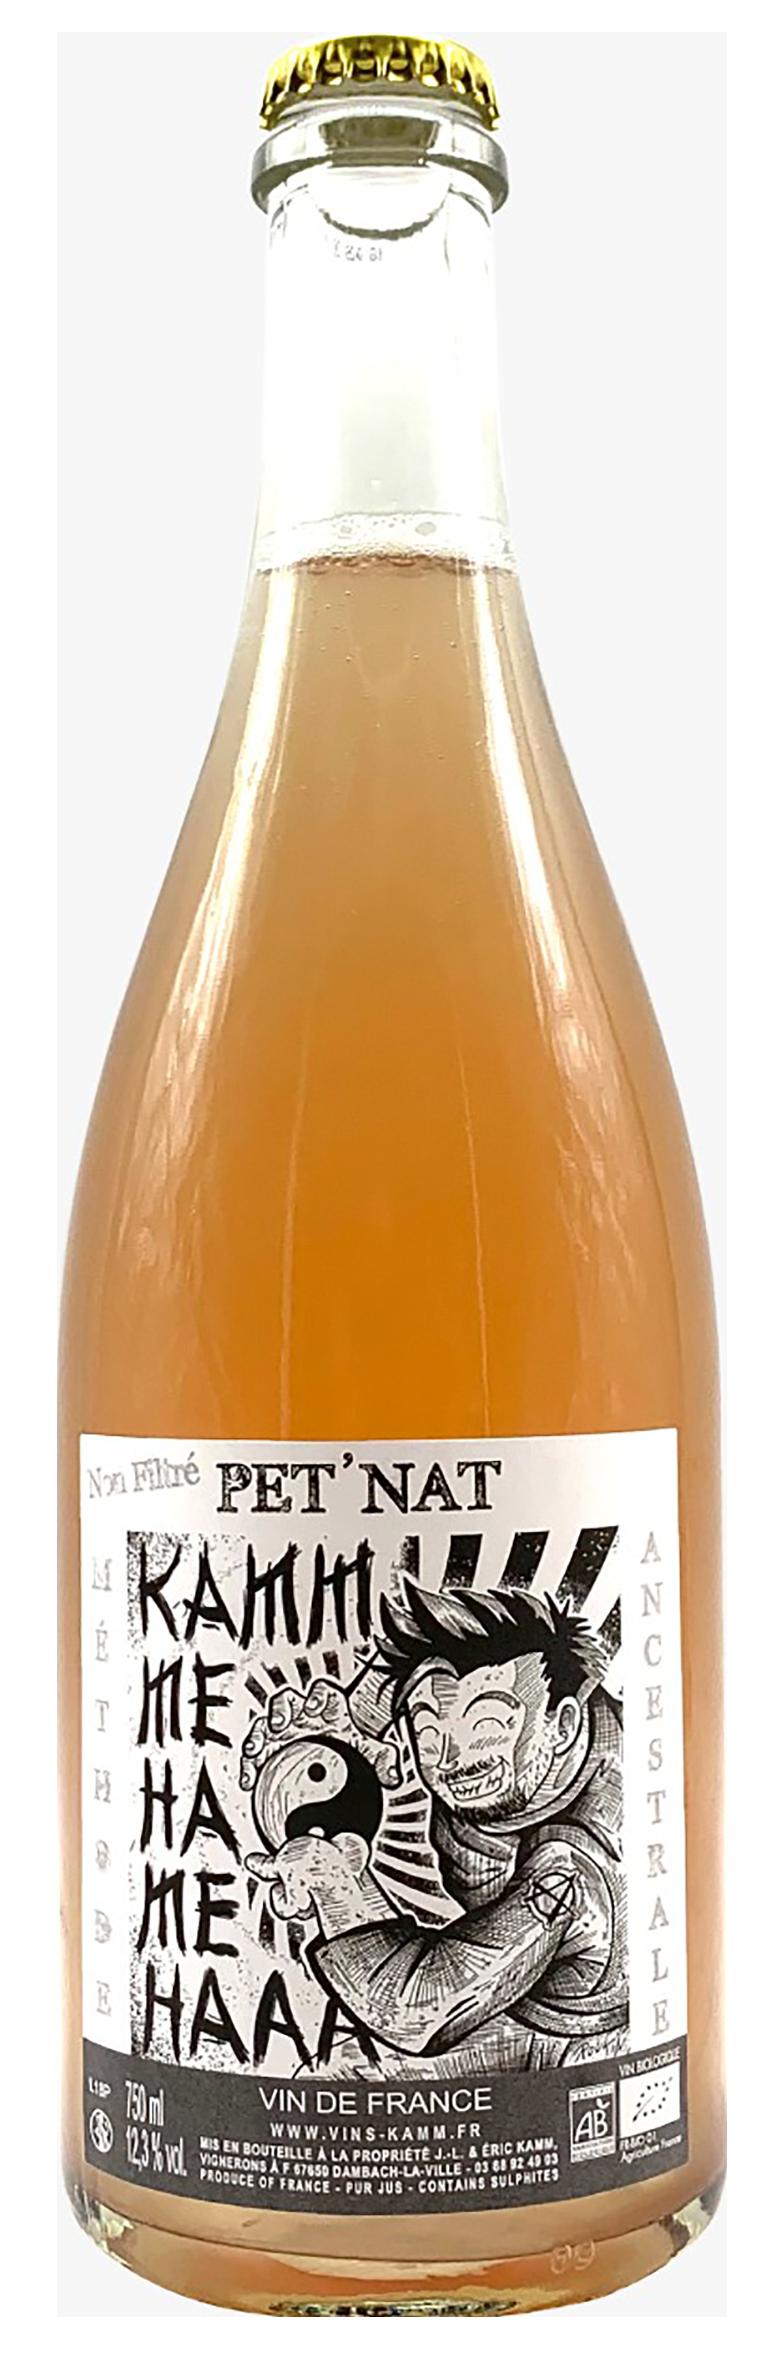 bouteille de pétillant naturel alsacien rosé 2, domaine kamm 2019